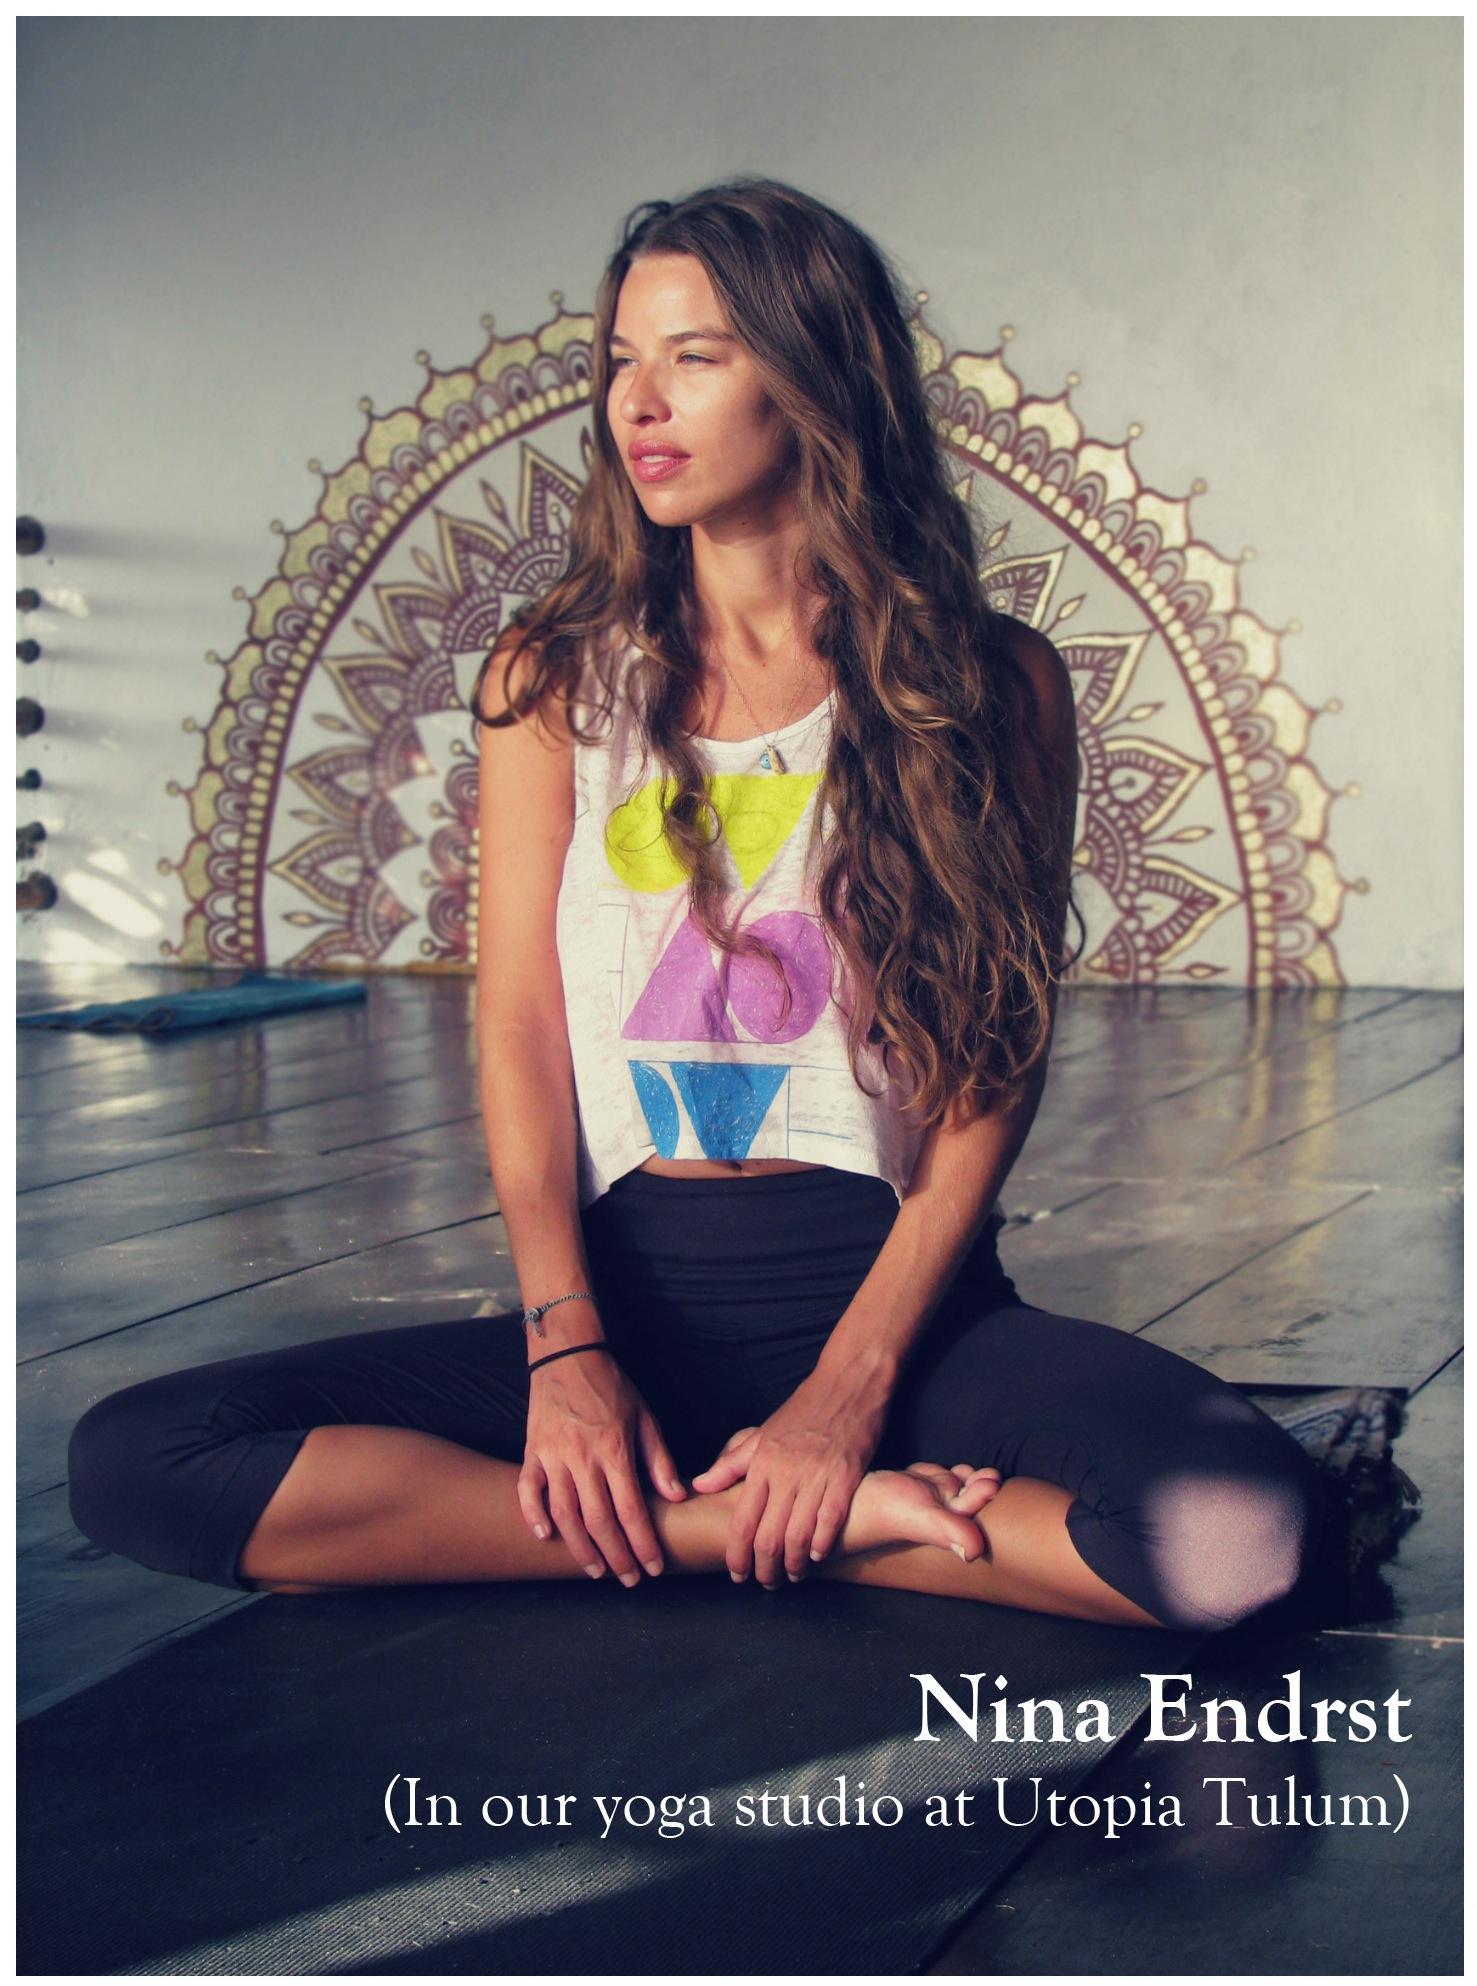 Nina Endrst, Yoga Instructor